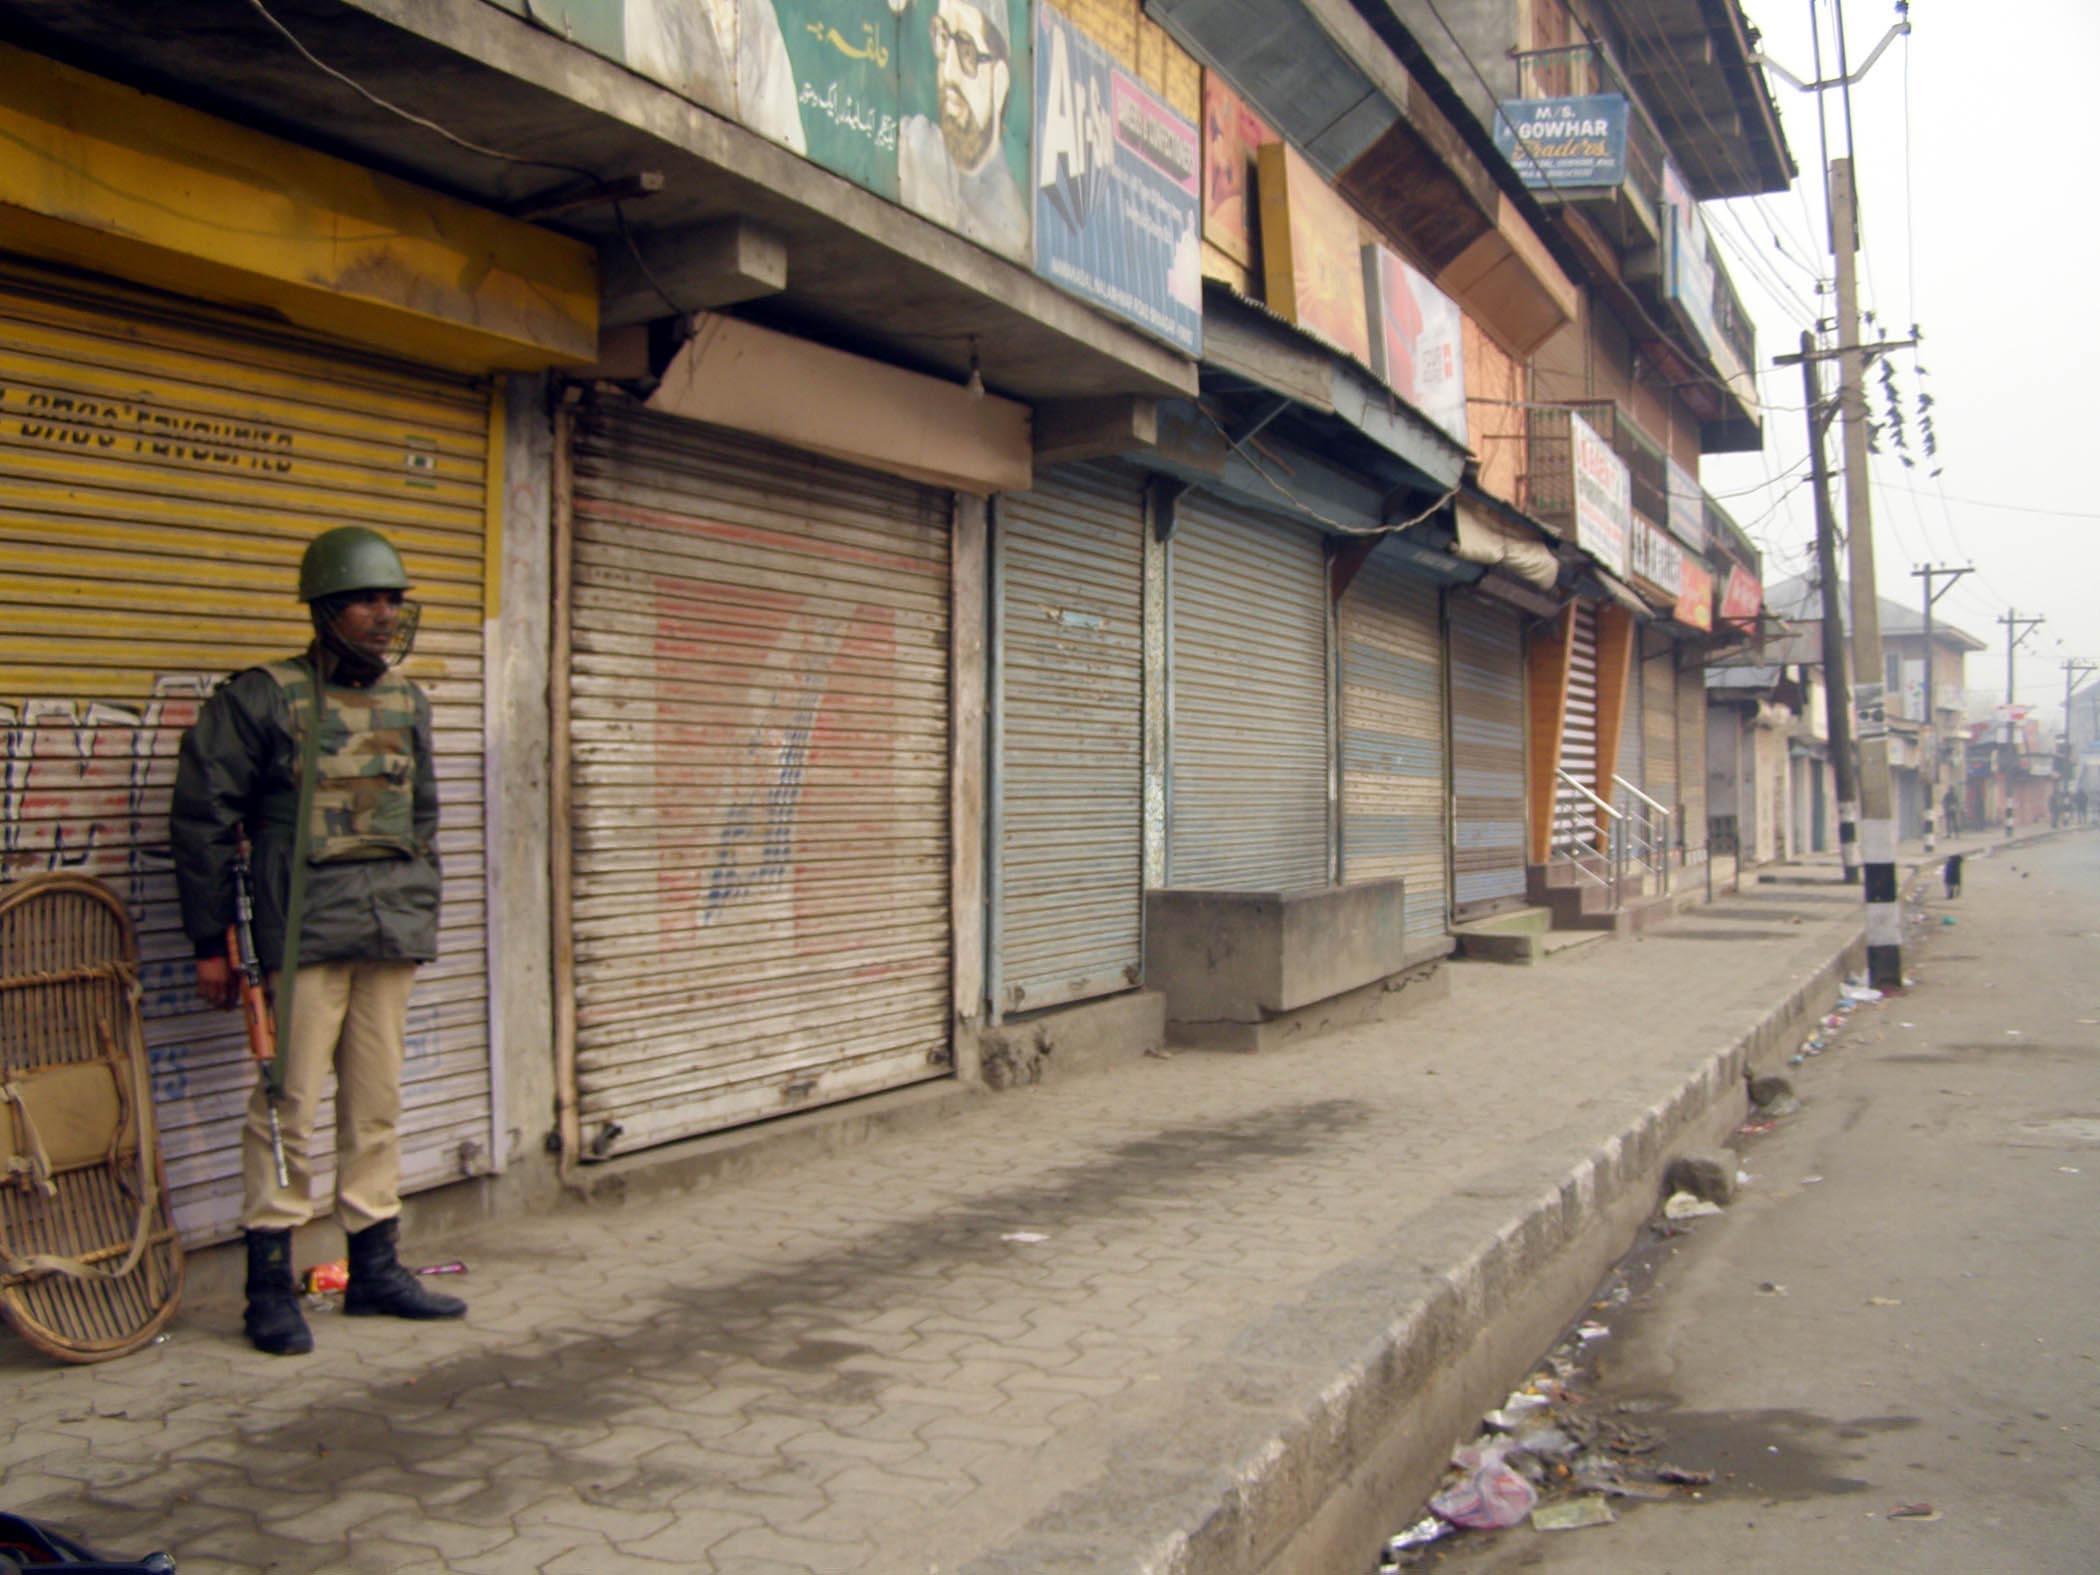 kashmir_boycott_protest.jpg